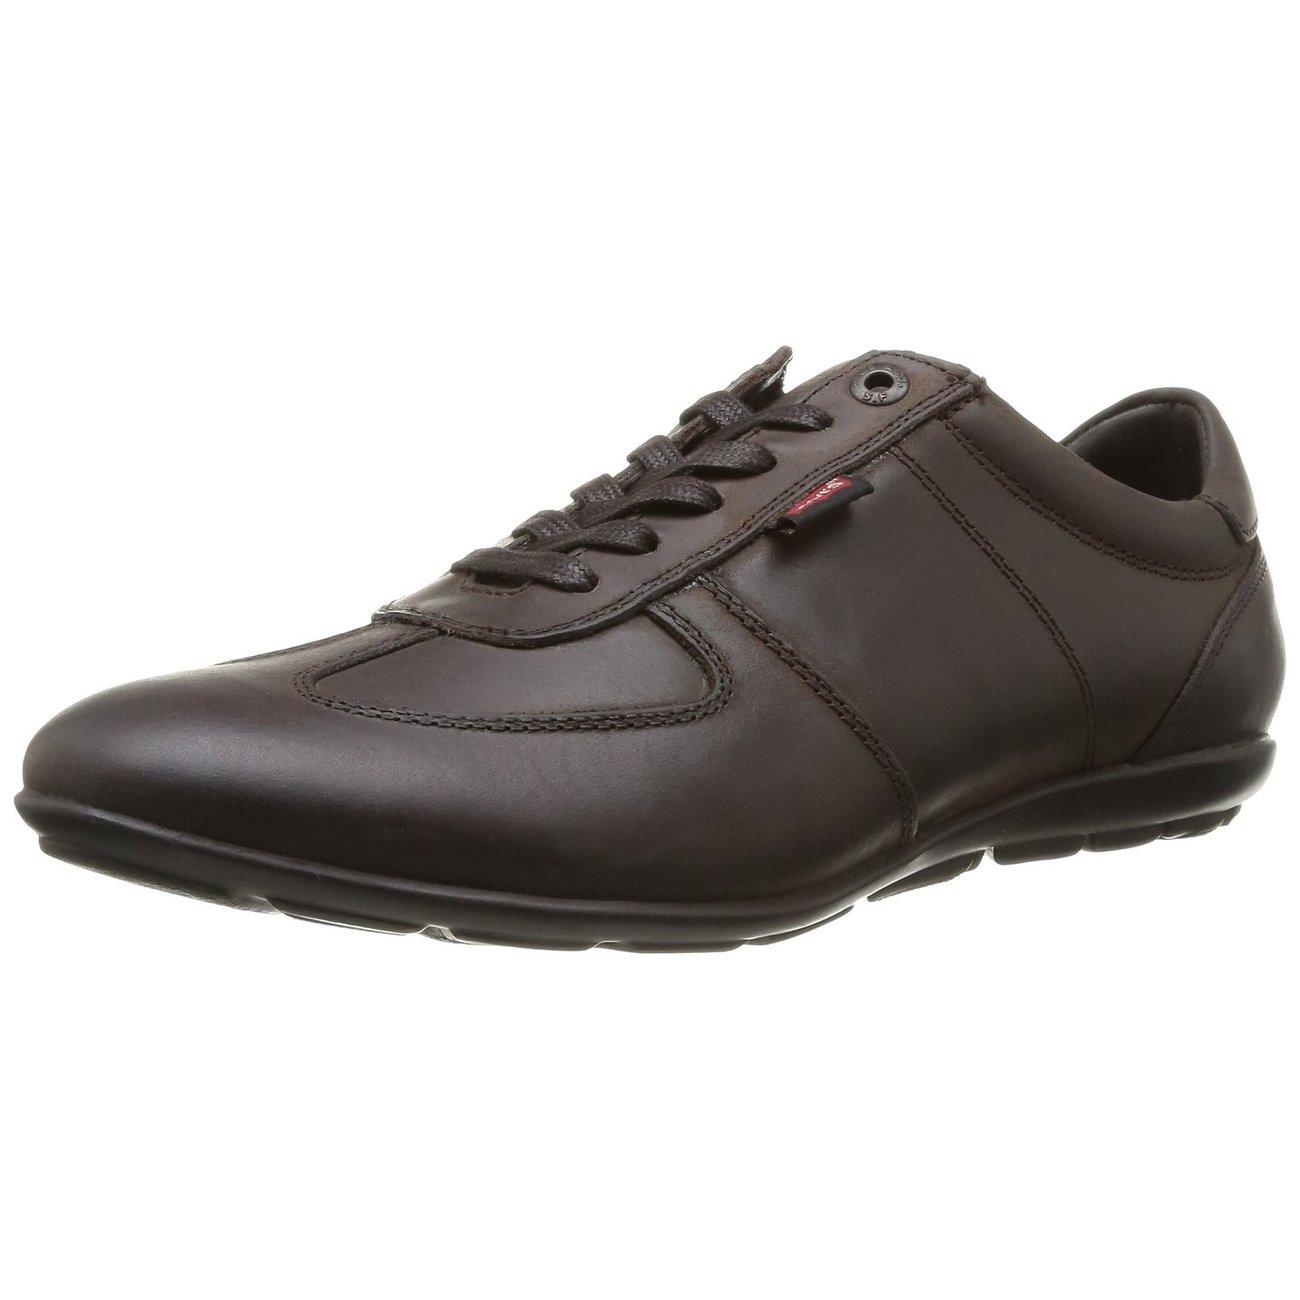 Quel modèle de chaussures Levis vous conviendra?